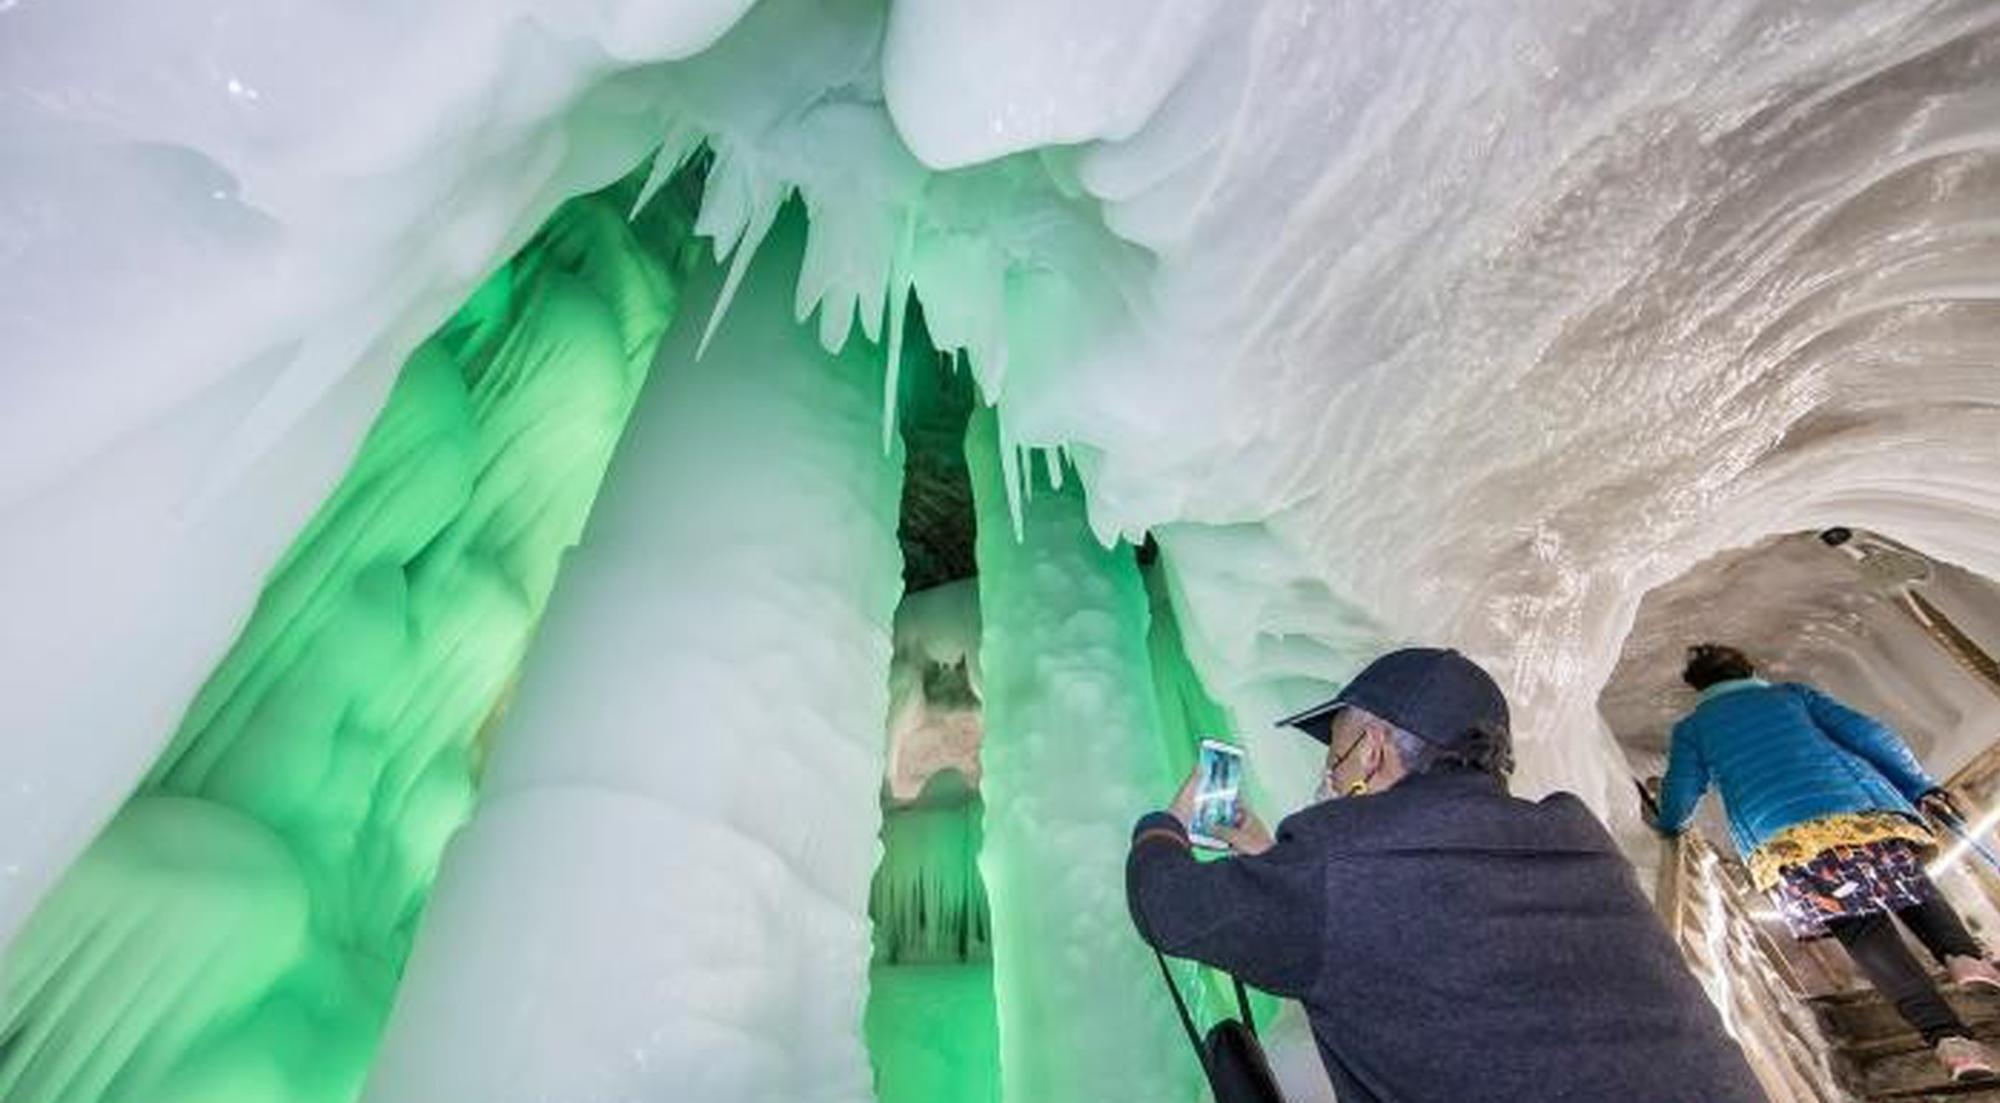 山西300万年冰洞似水晶宫殿 与千年活火山比邻而居